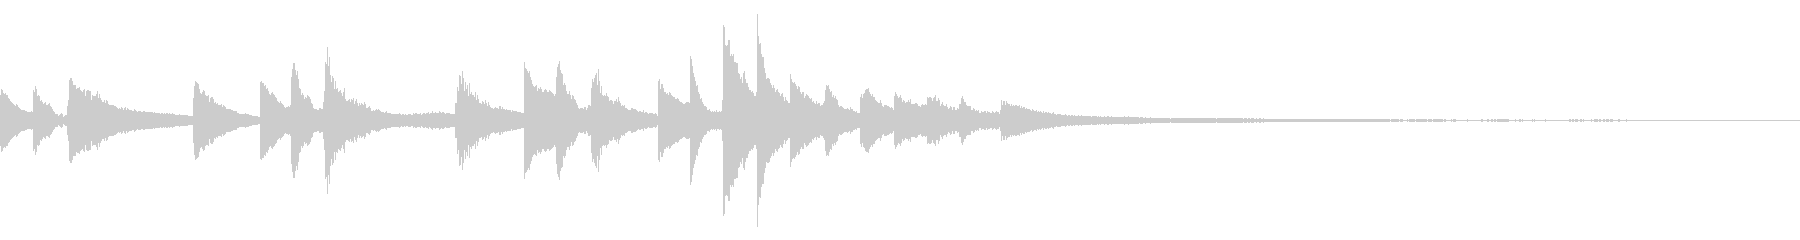 和風のジングル14-ピアノソロの未再生の波形